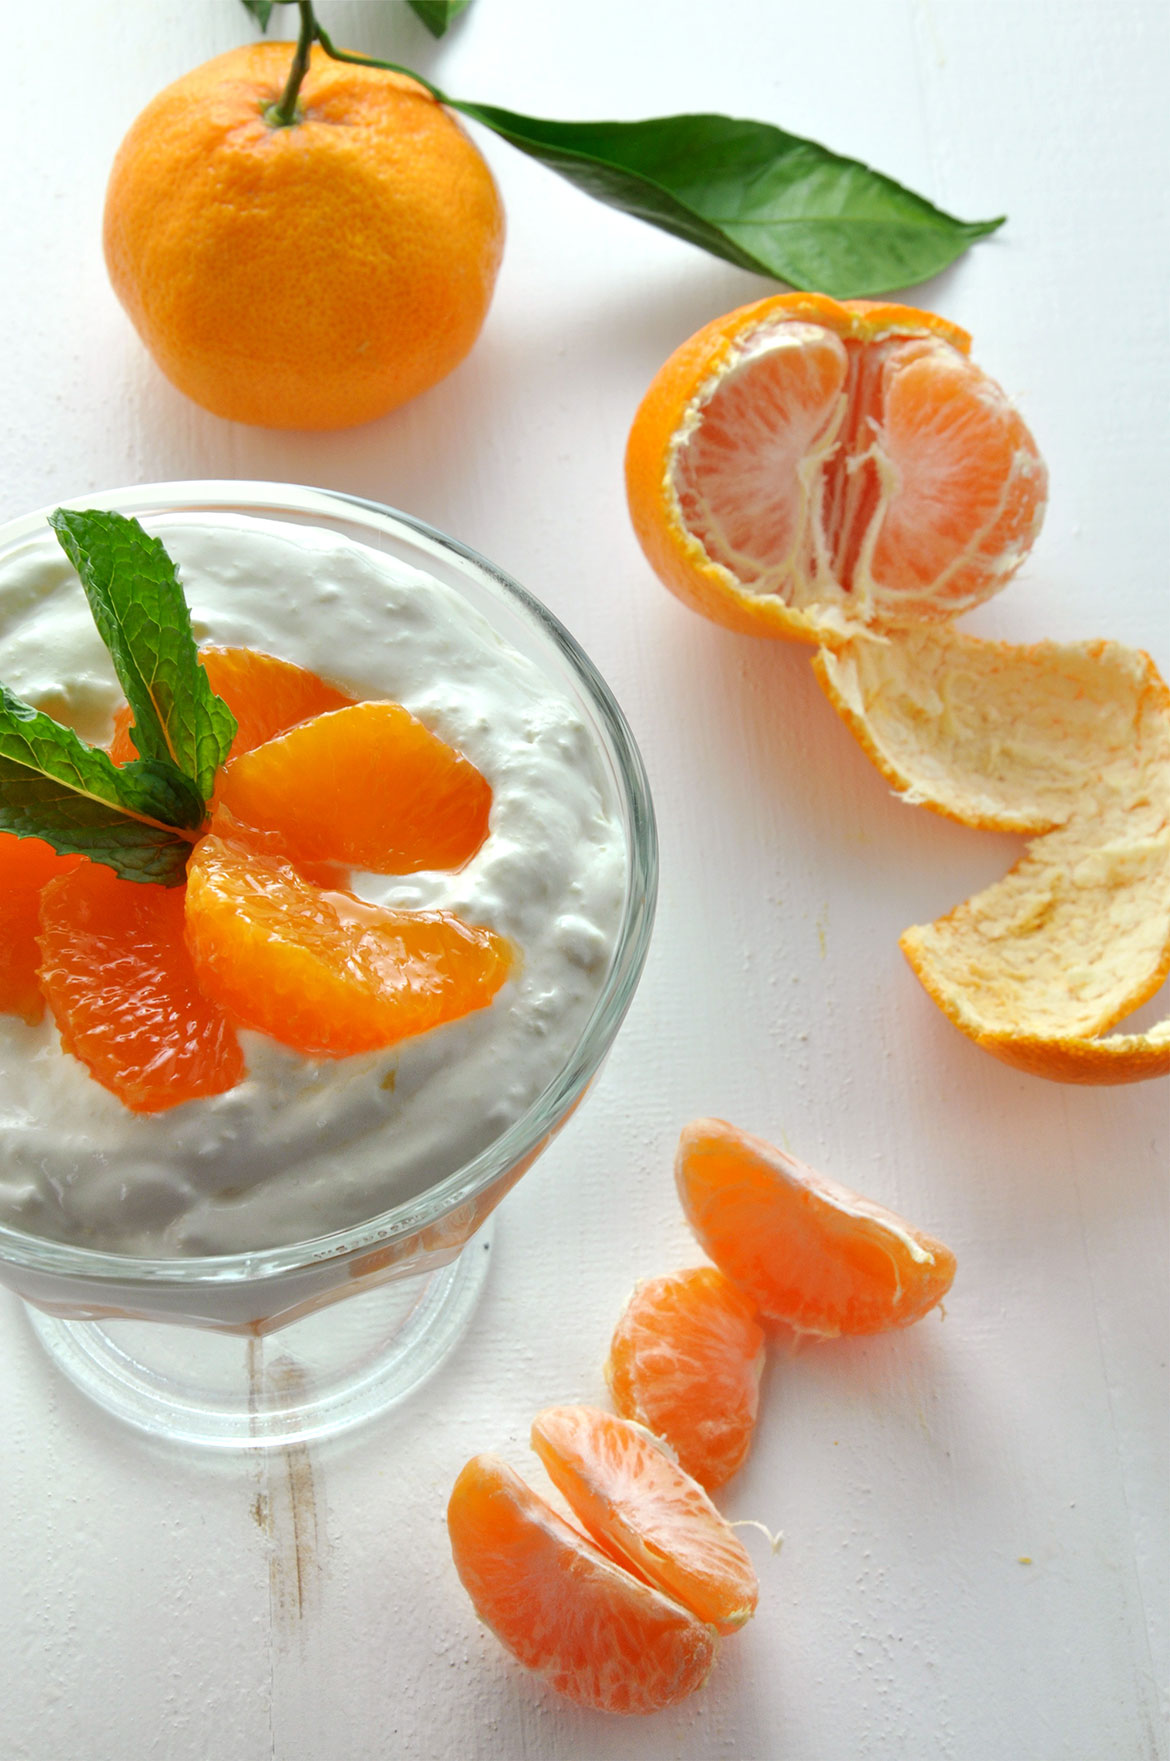 Satsuma Tangerine豆腐慕斯GydF4y2Ba